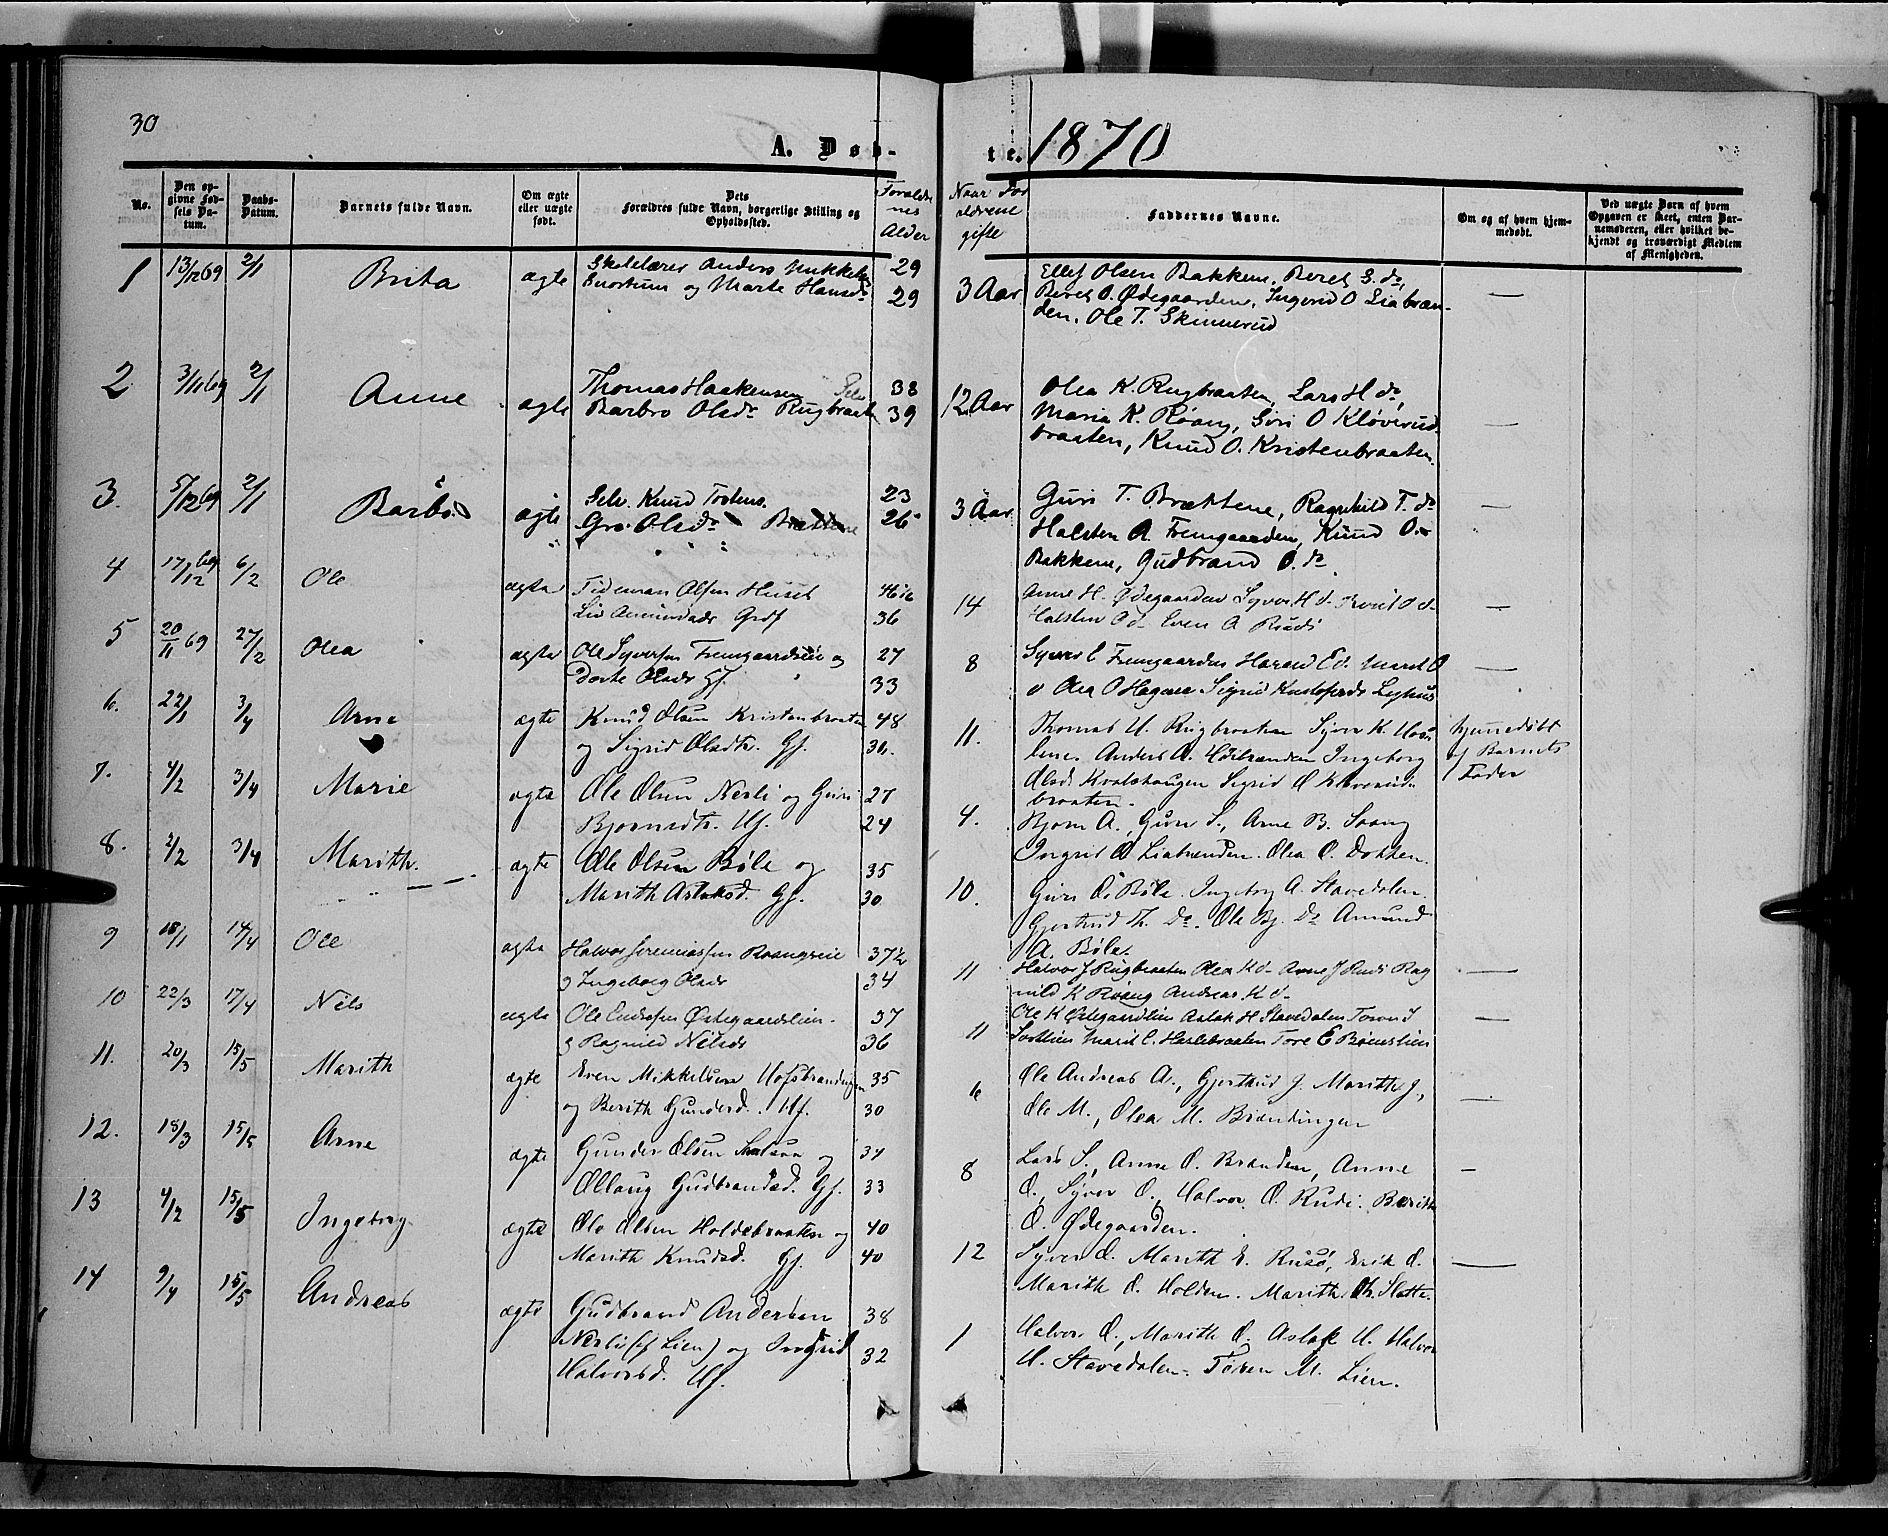 SAH, Sør-Aurdal prestekontor, Ministerialbok nr. 6, 1849-1876, s. 30